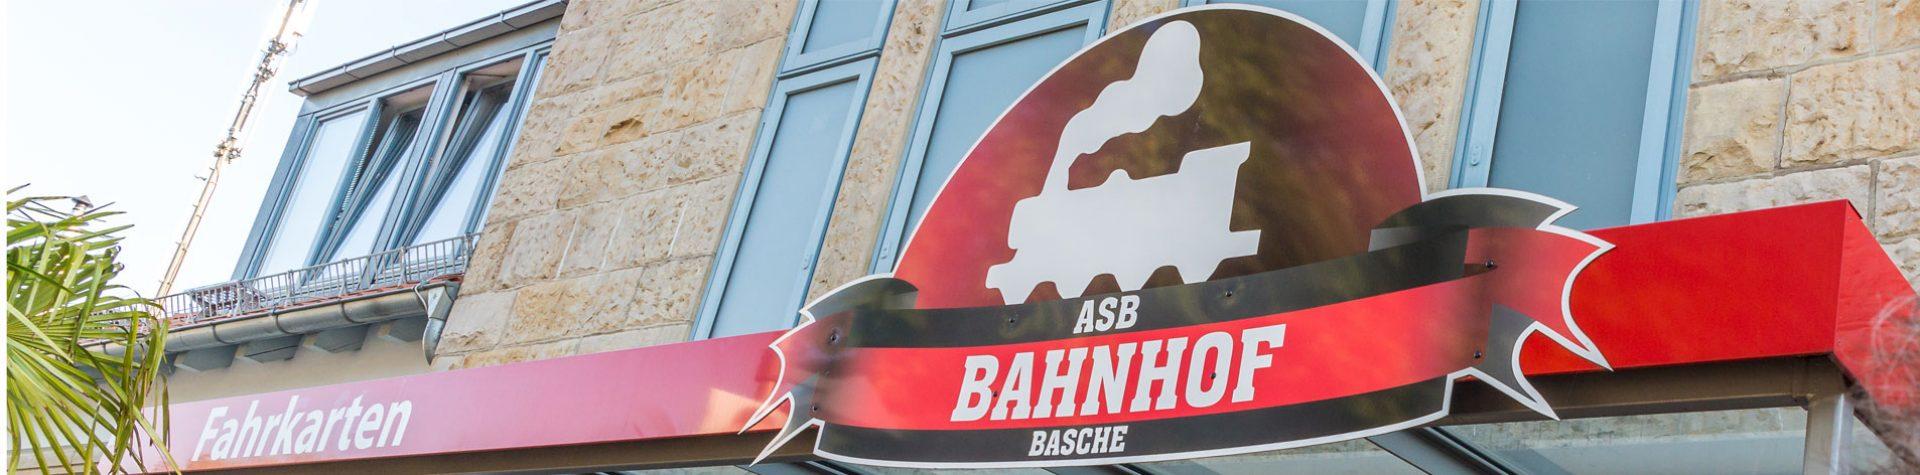 ASB Bahnhof Basche